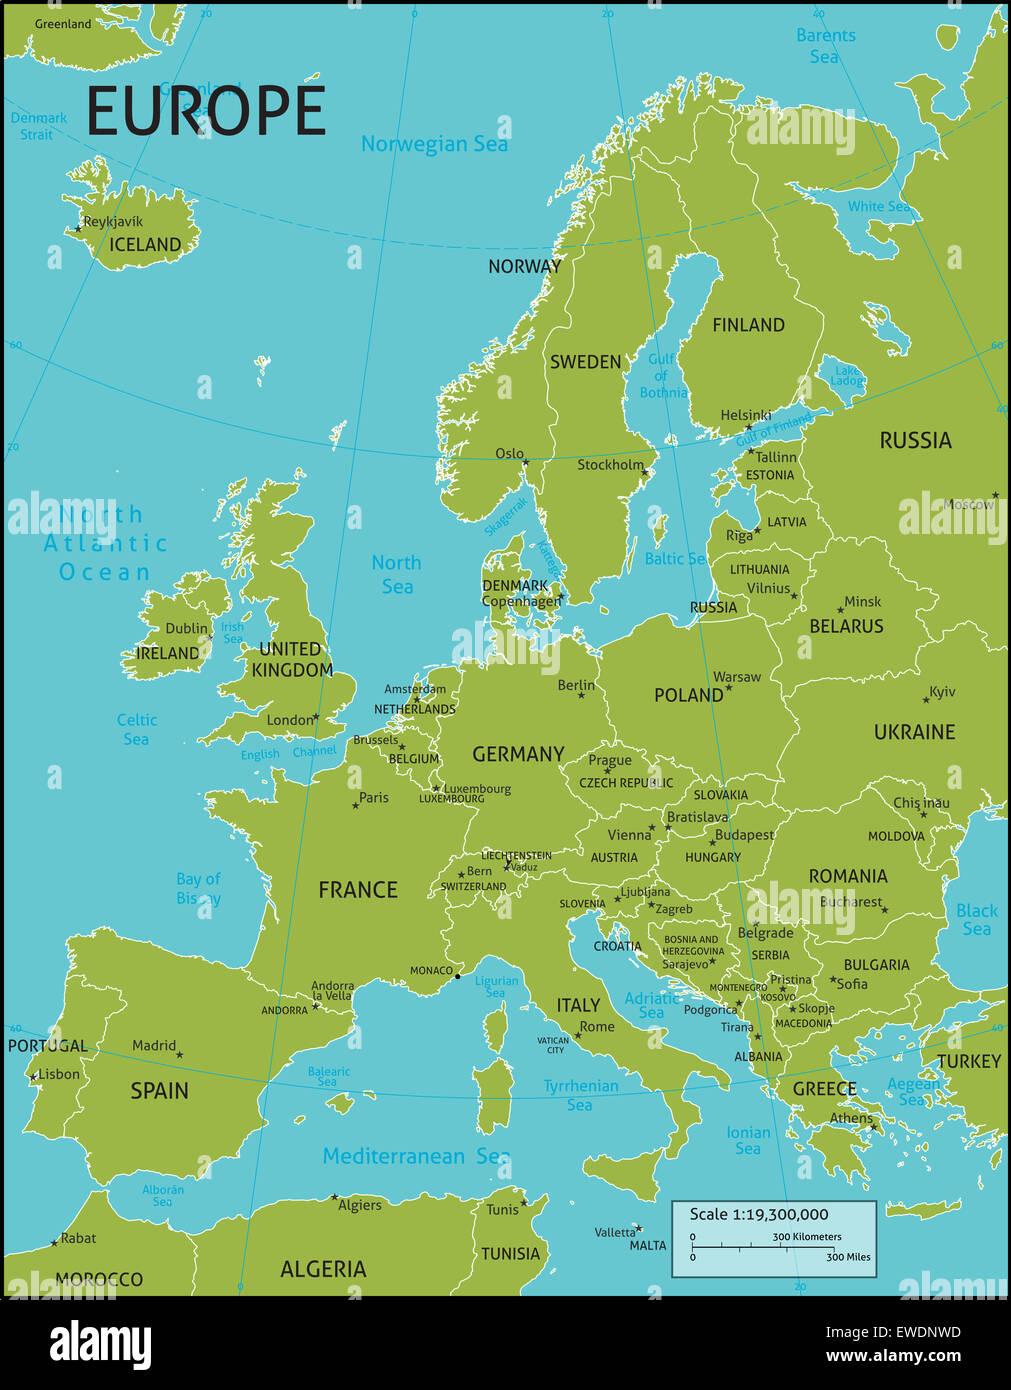 Eine Europakarte Mit Allen Landernamen Und Hauptstadte Land In